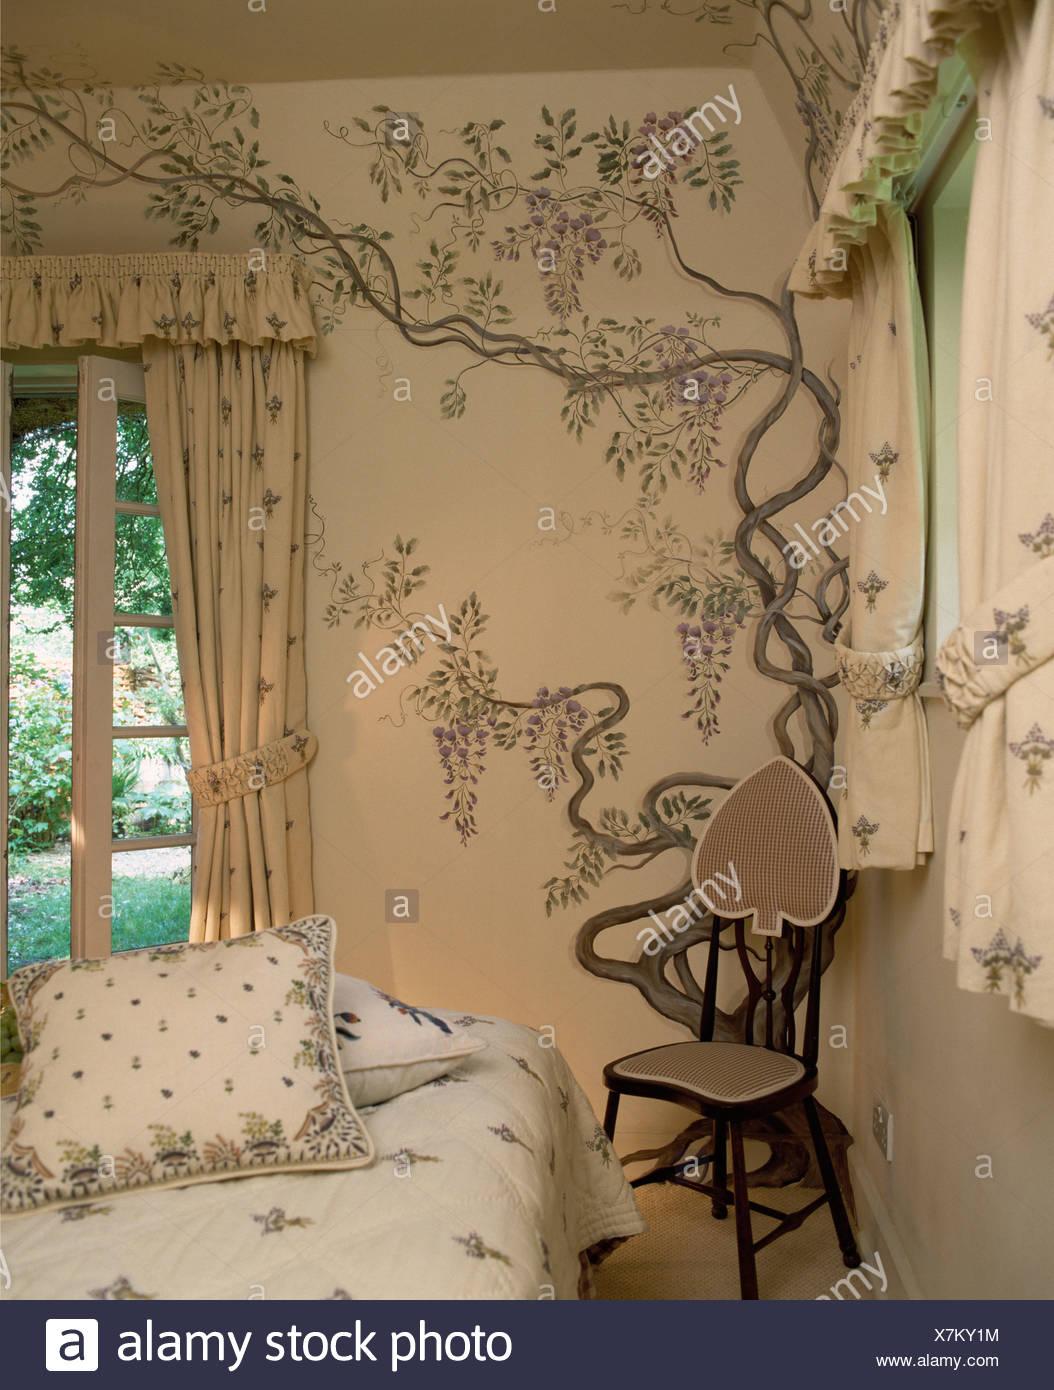 Kleiner Stuhl In Der Ecke Der Hutte Schlafzimmer Mit Handgemalten Glyzinien Dekoration Auf Wand Stockfotografie Alamy